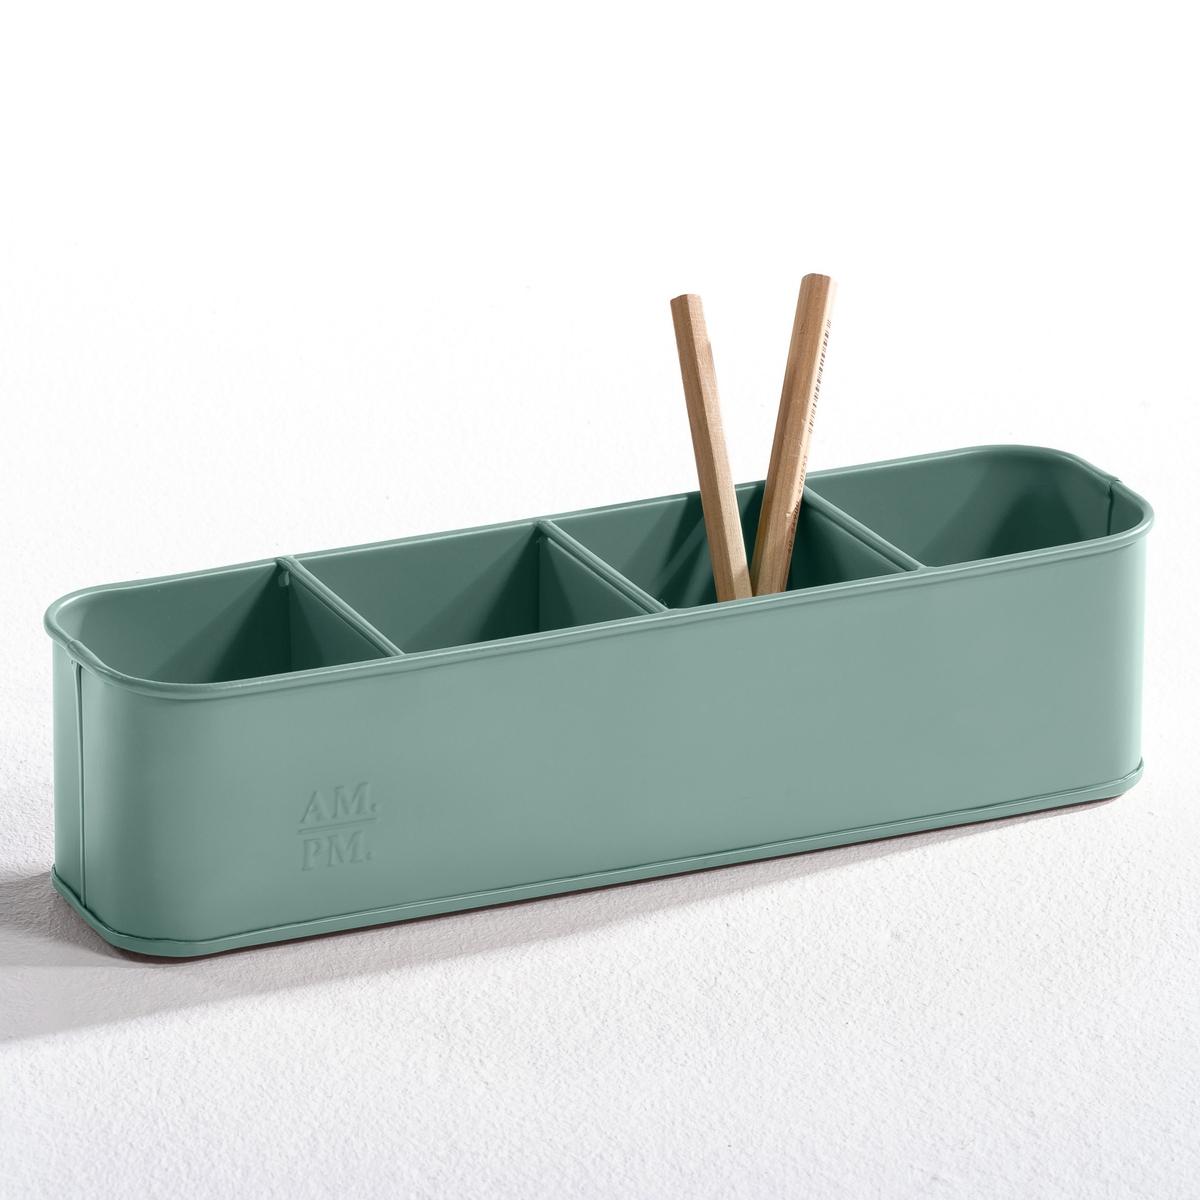 Карандашница ArregloХарактеристики карандашницы  :- 4 отделения .- Можно использовать также как монетницу, кашпо или для хранения столовых приборов   - Размеры карандашницы :  .32 x .8 x .8 см..<br><br>Цвет: белый,серый<br>Размер: единый размер